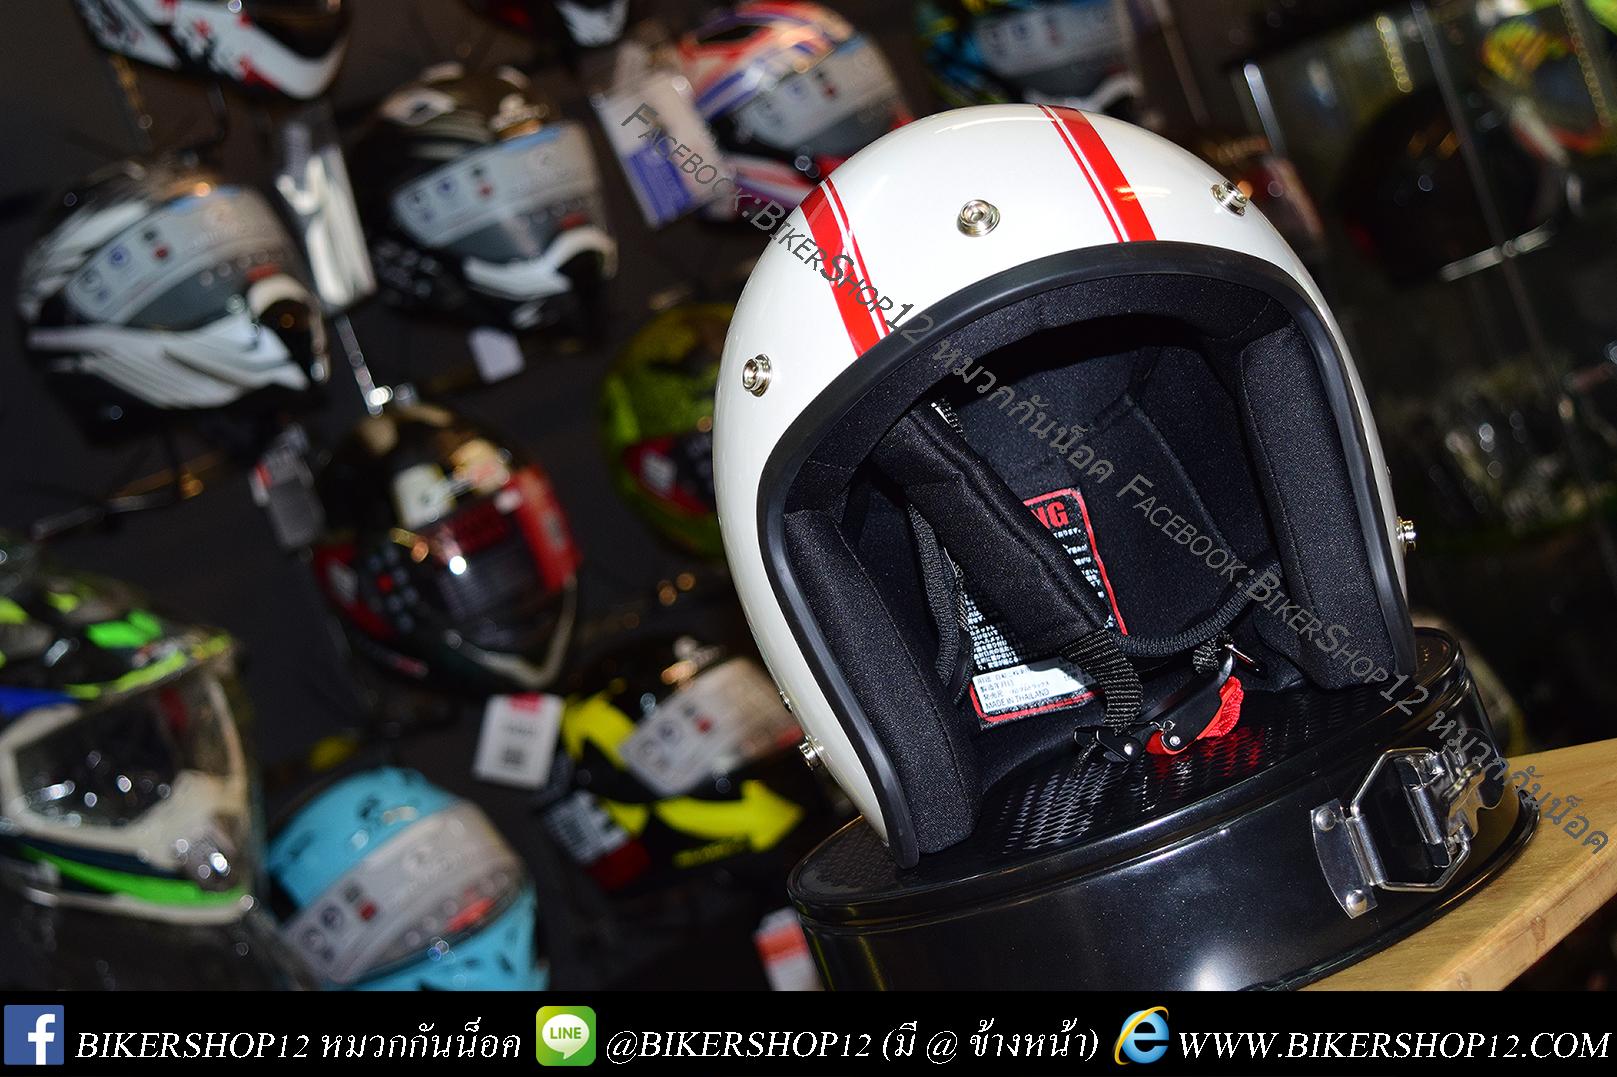 หมวกกันน็อคคลาสสิก 5เป๊ก สีขาวมุก(คาดแดง)